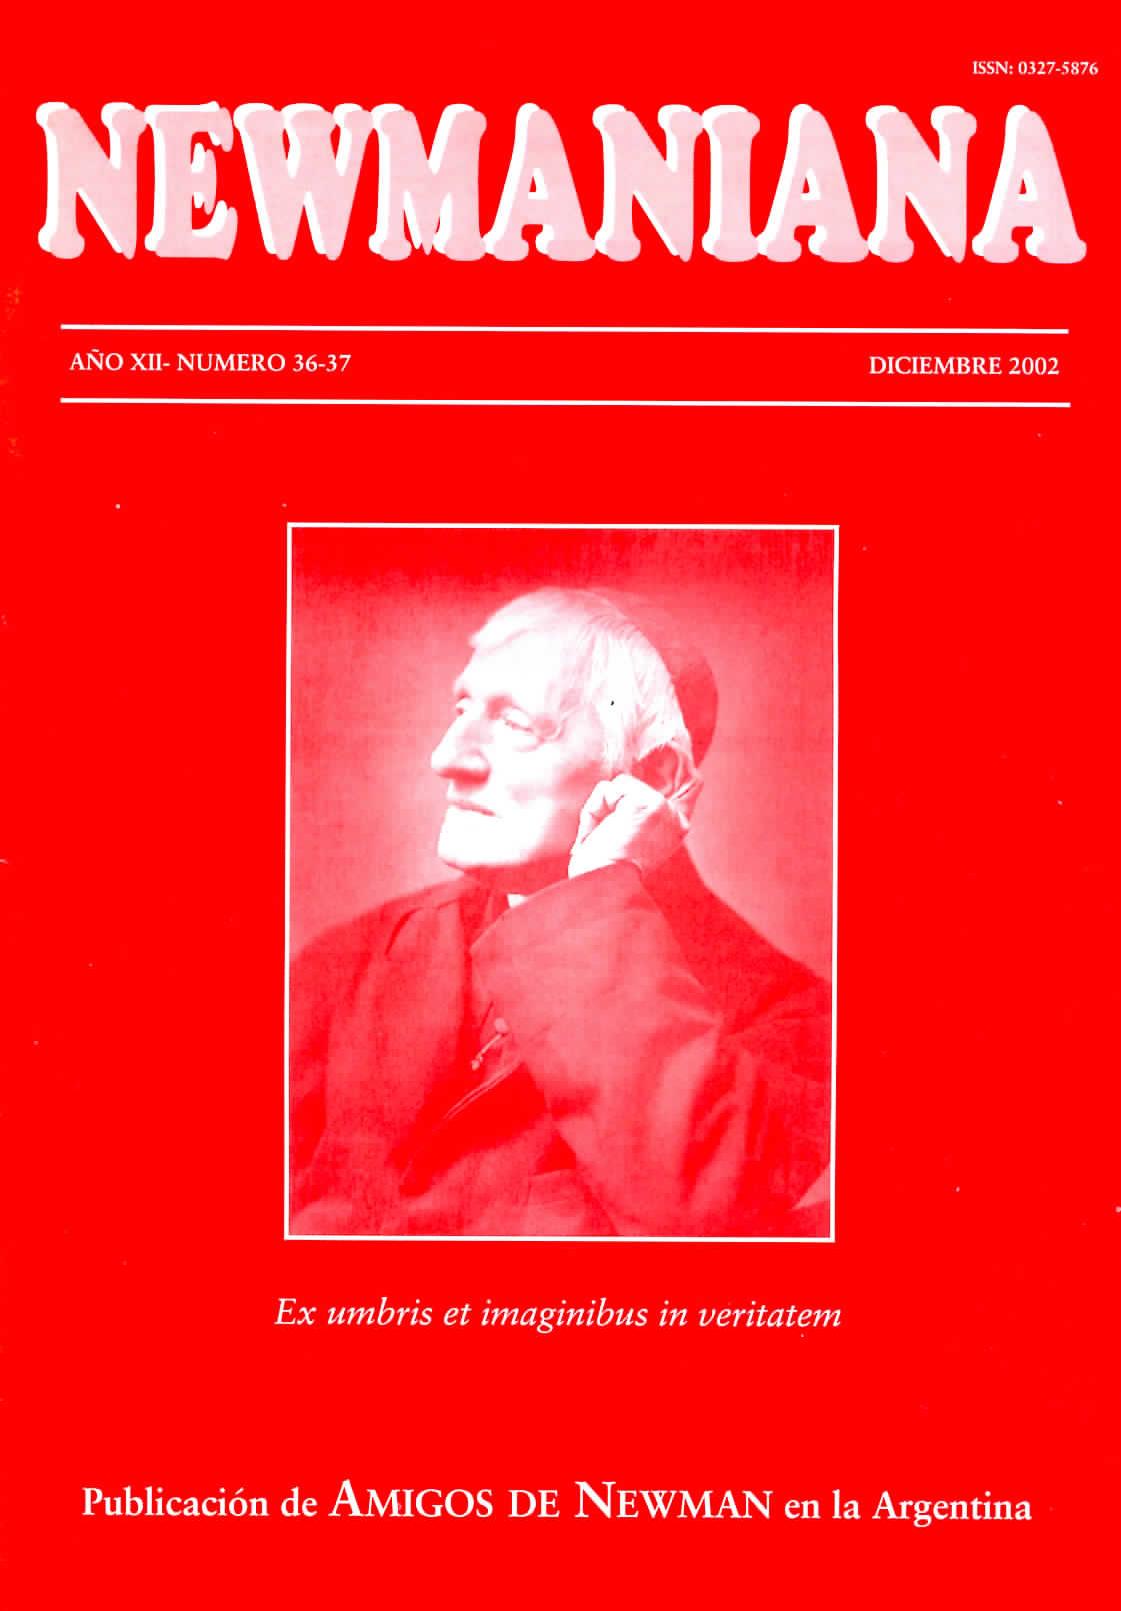 Revista Newmaniana N° 36-37 – Diciembre 2002